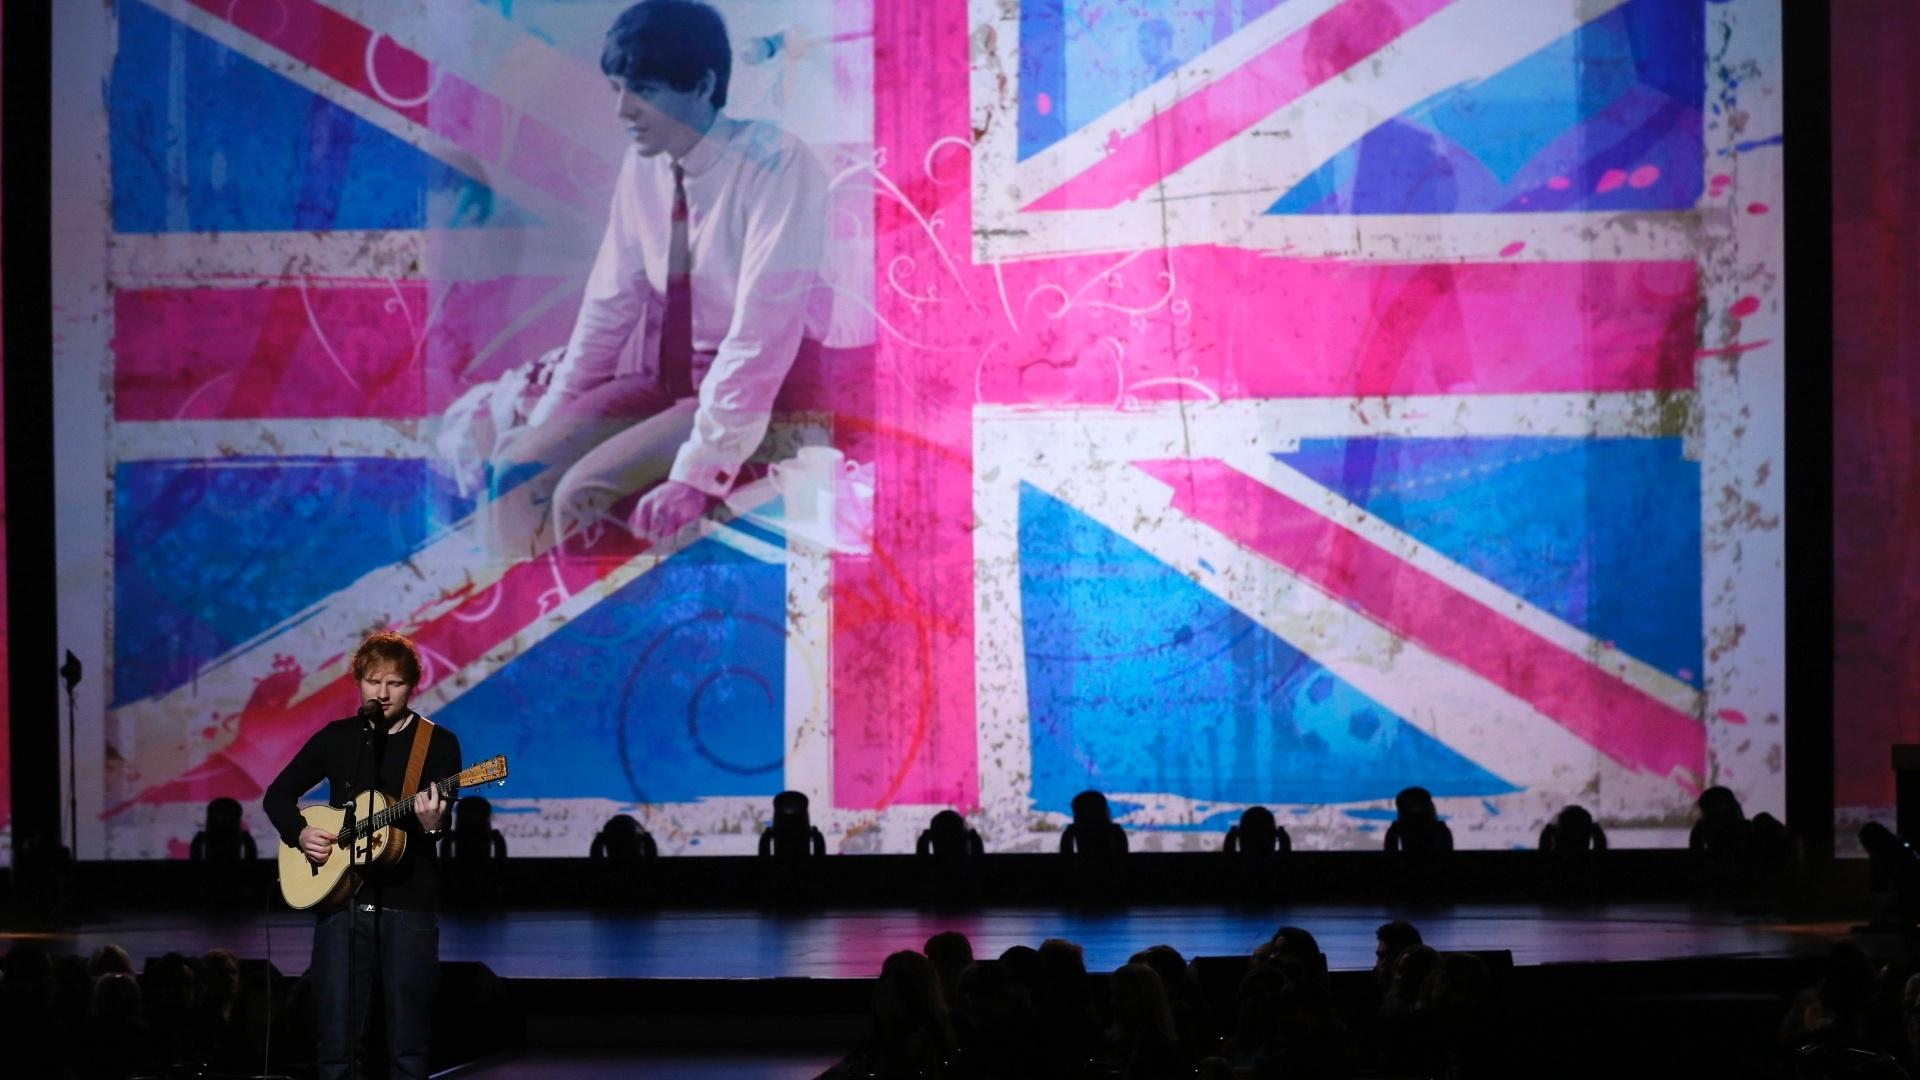 27.jan.2014 - O cantor Ed Sheeran participa da gravação do especial